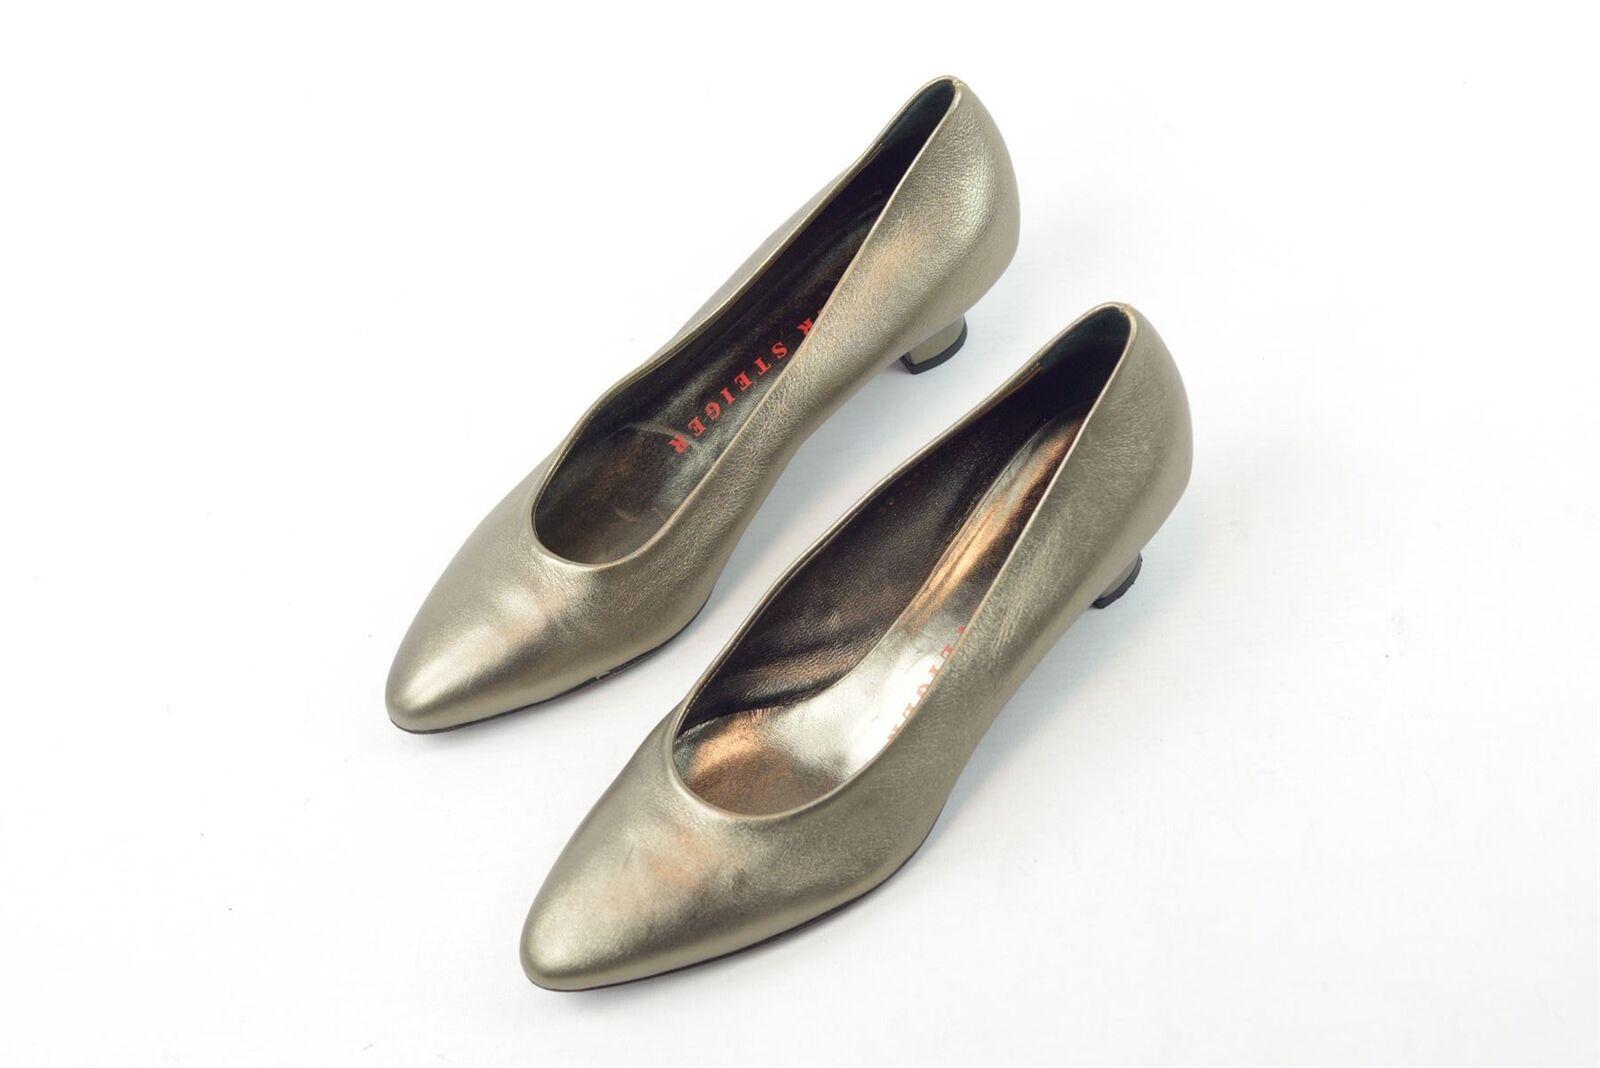 WALTER STEIGER Metallic Kitten Heels, Heels, Heels, UK 8 US 11 EU 41 6f0bdc